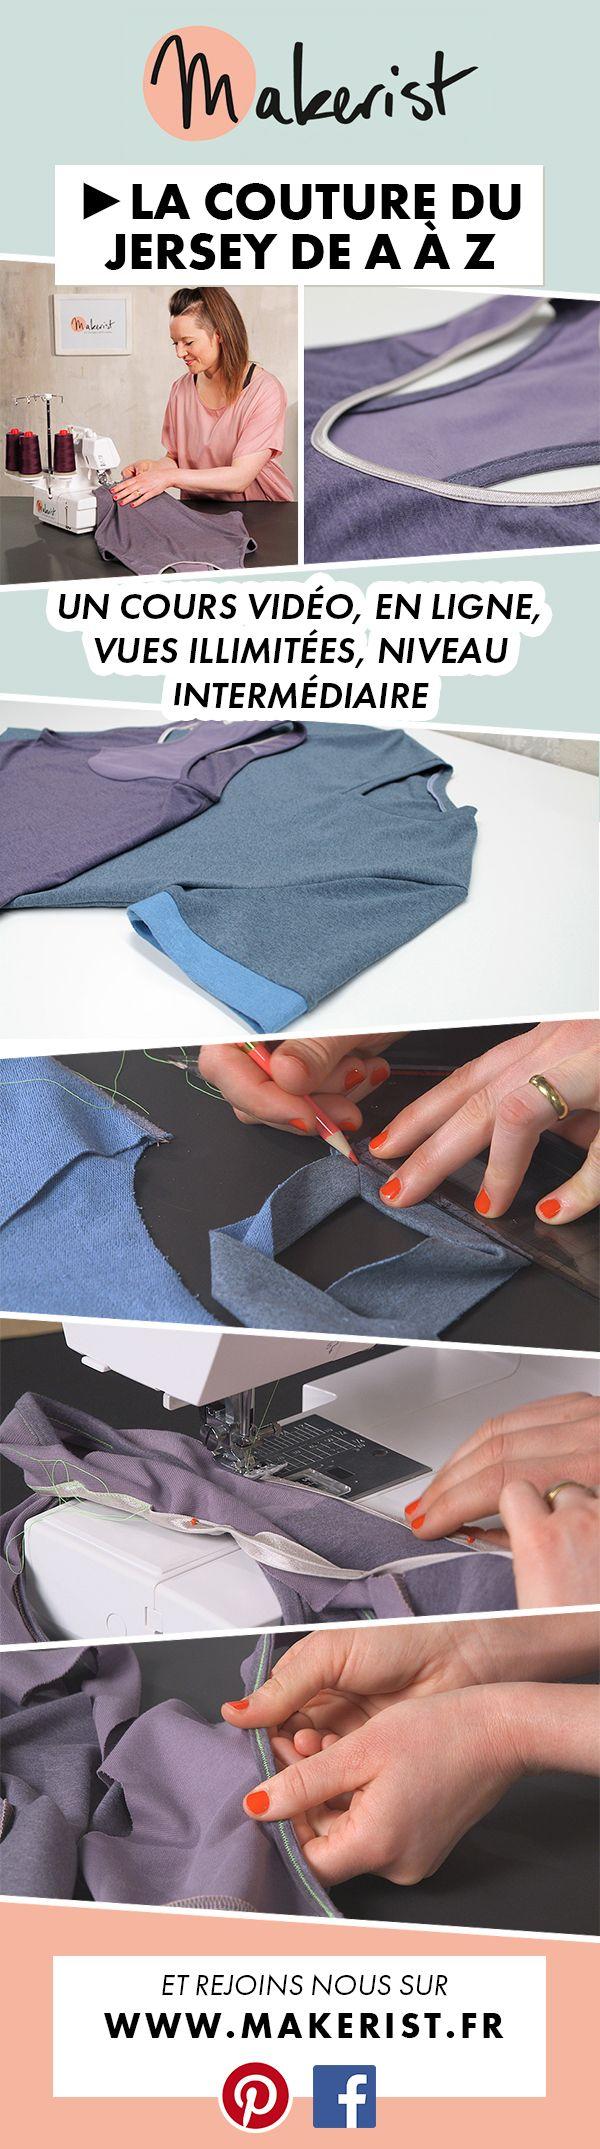 Cours de #couture, #tuto couture pour apprendre à #coudre le jersey, les #biais élastiques, les #empiècements, #cols en V...